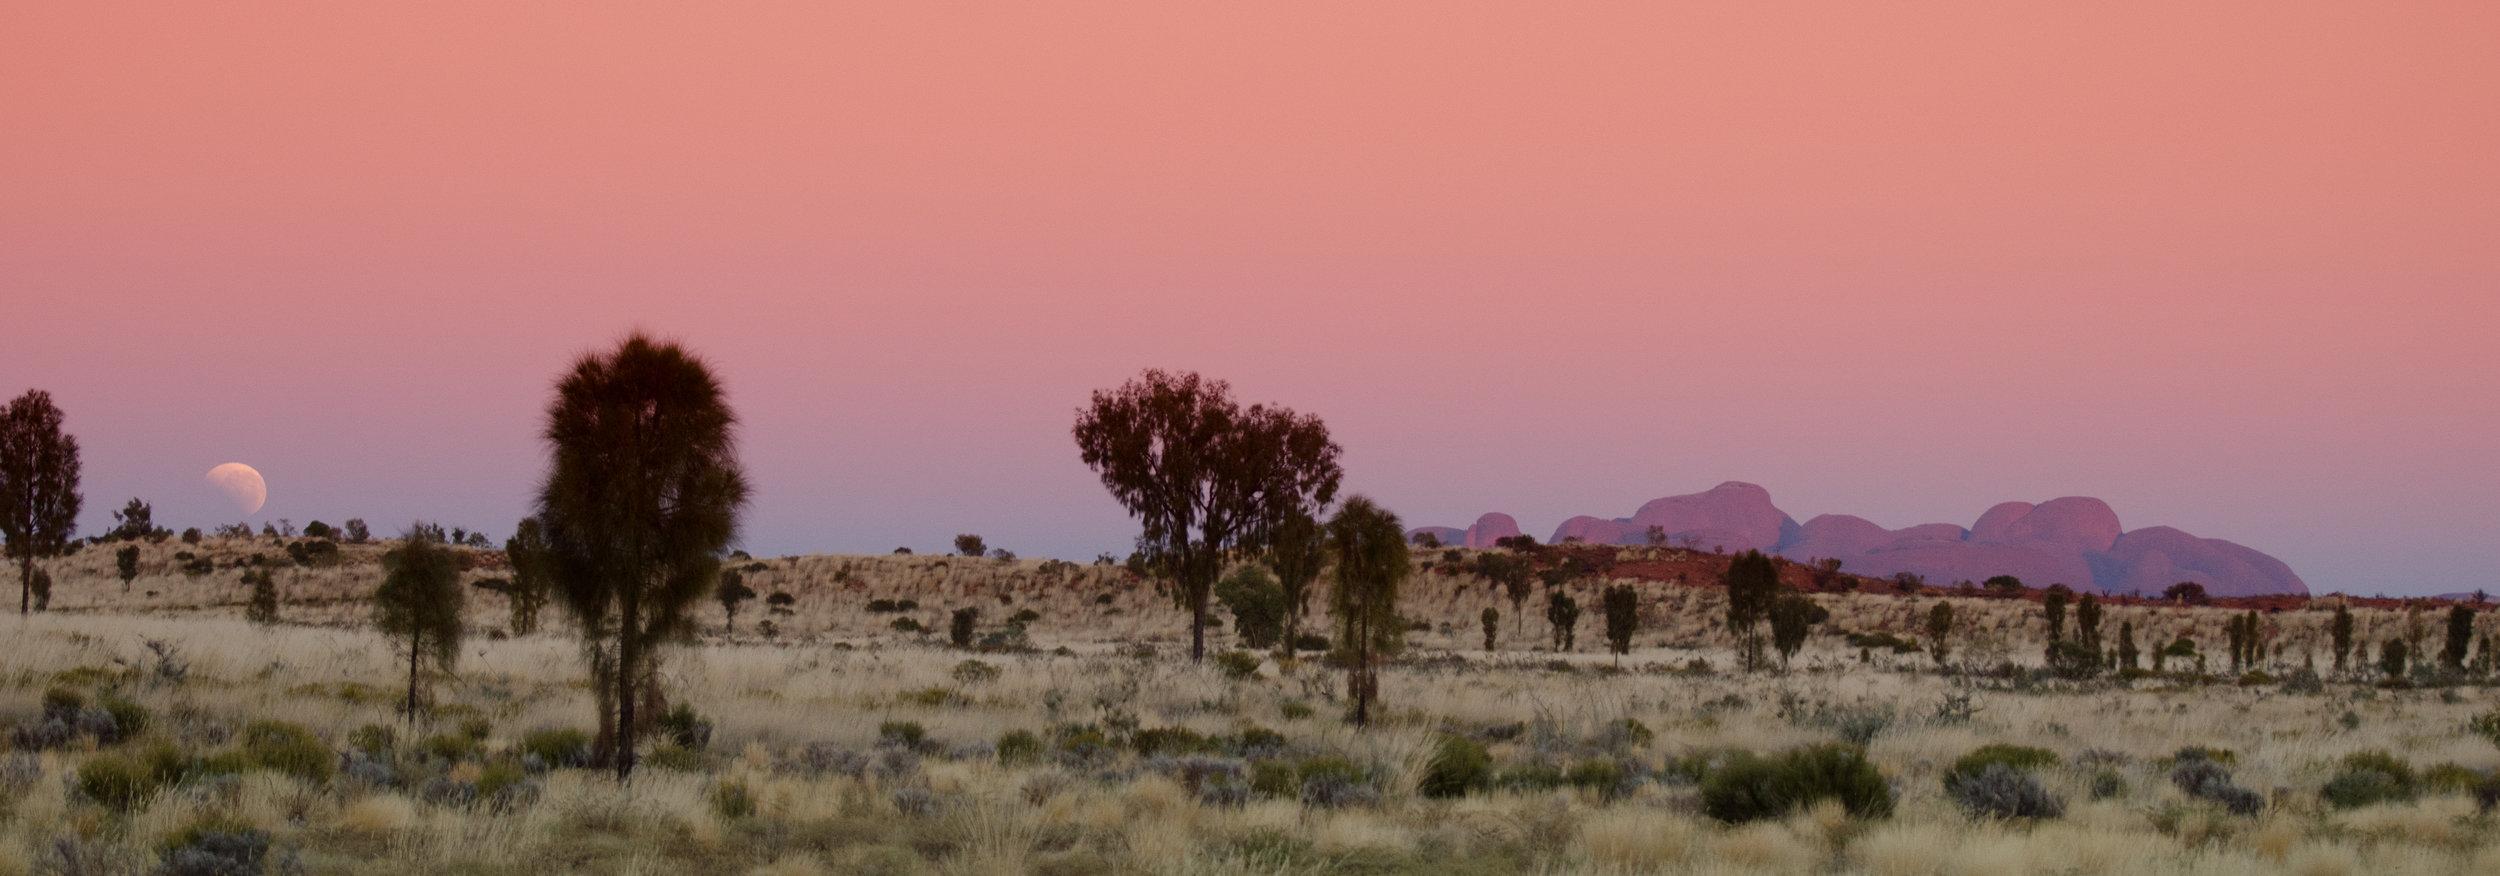 Lennon's Find - Western Australia (95%* Volcanic)